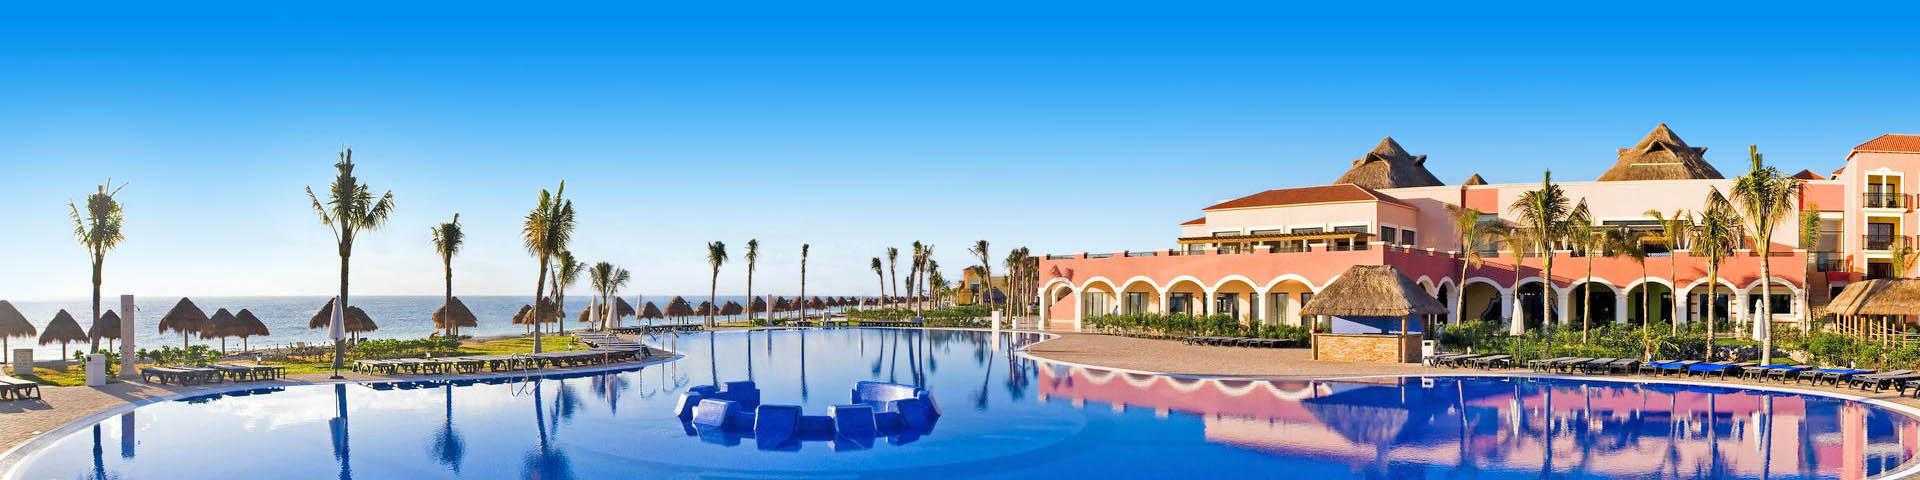 Uitzicht op het hotelgebouw van hotelketen H10, het zwembad en de zee